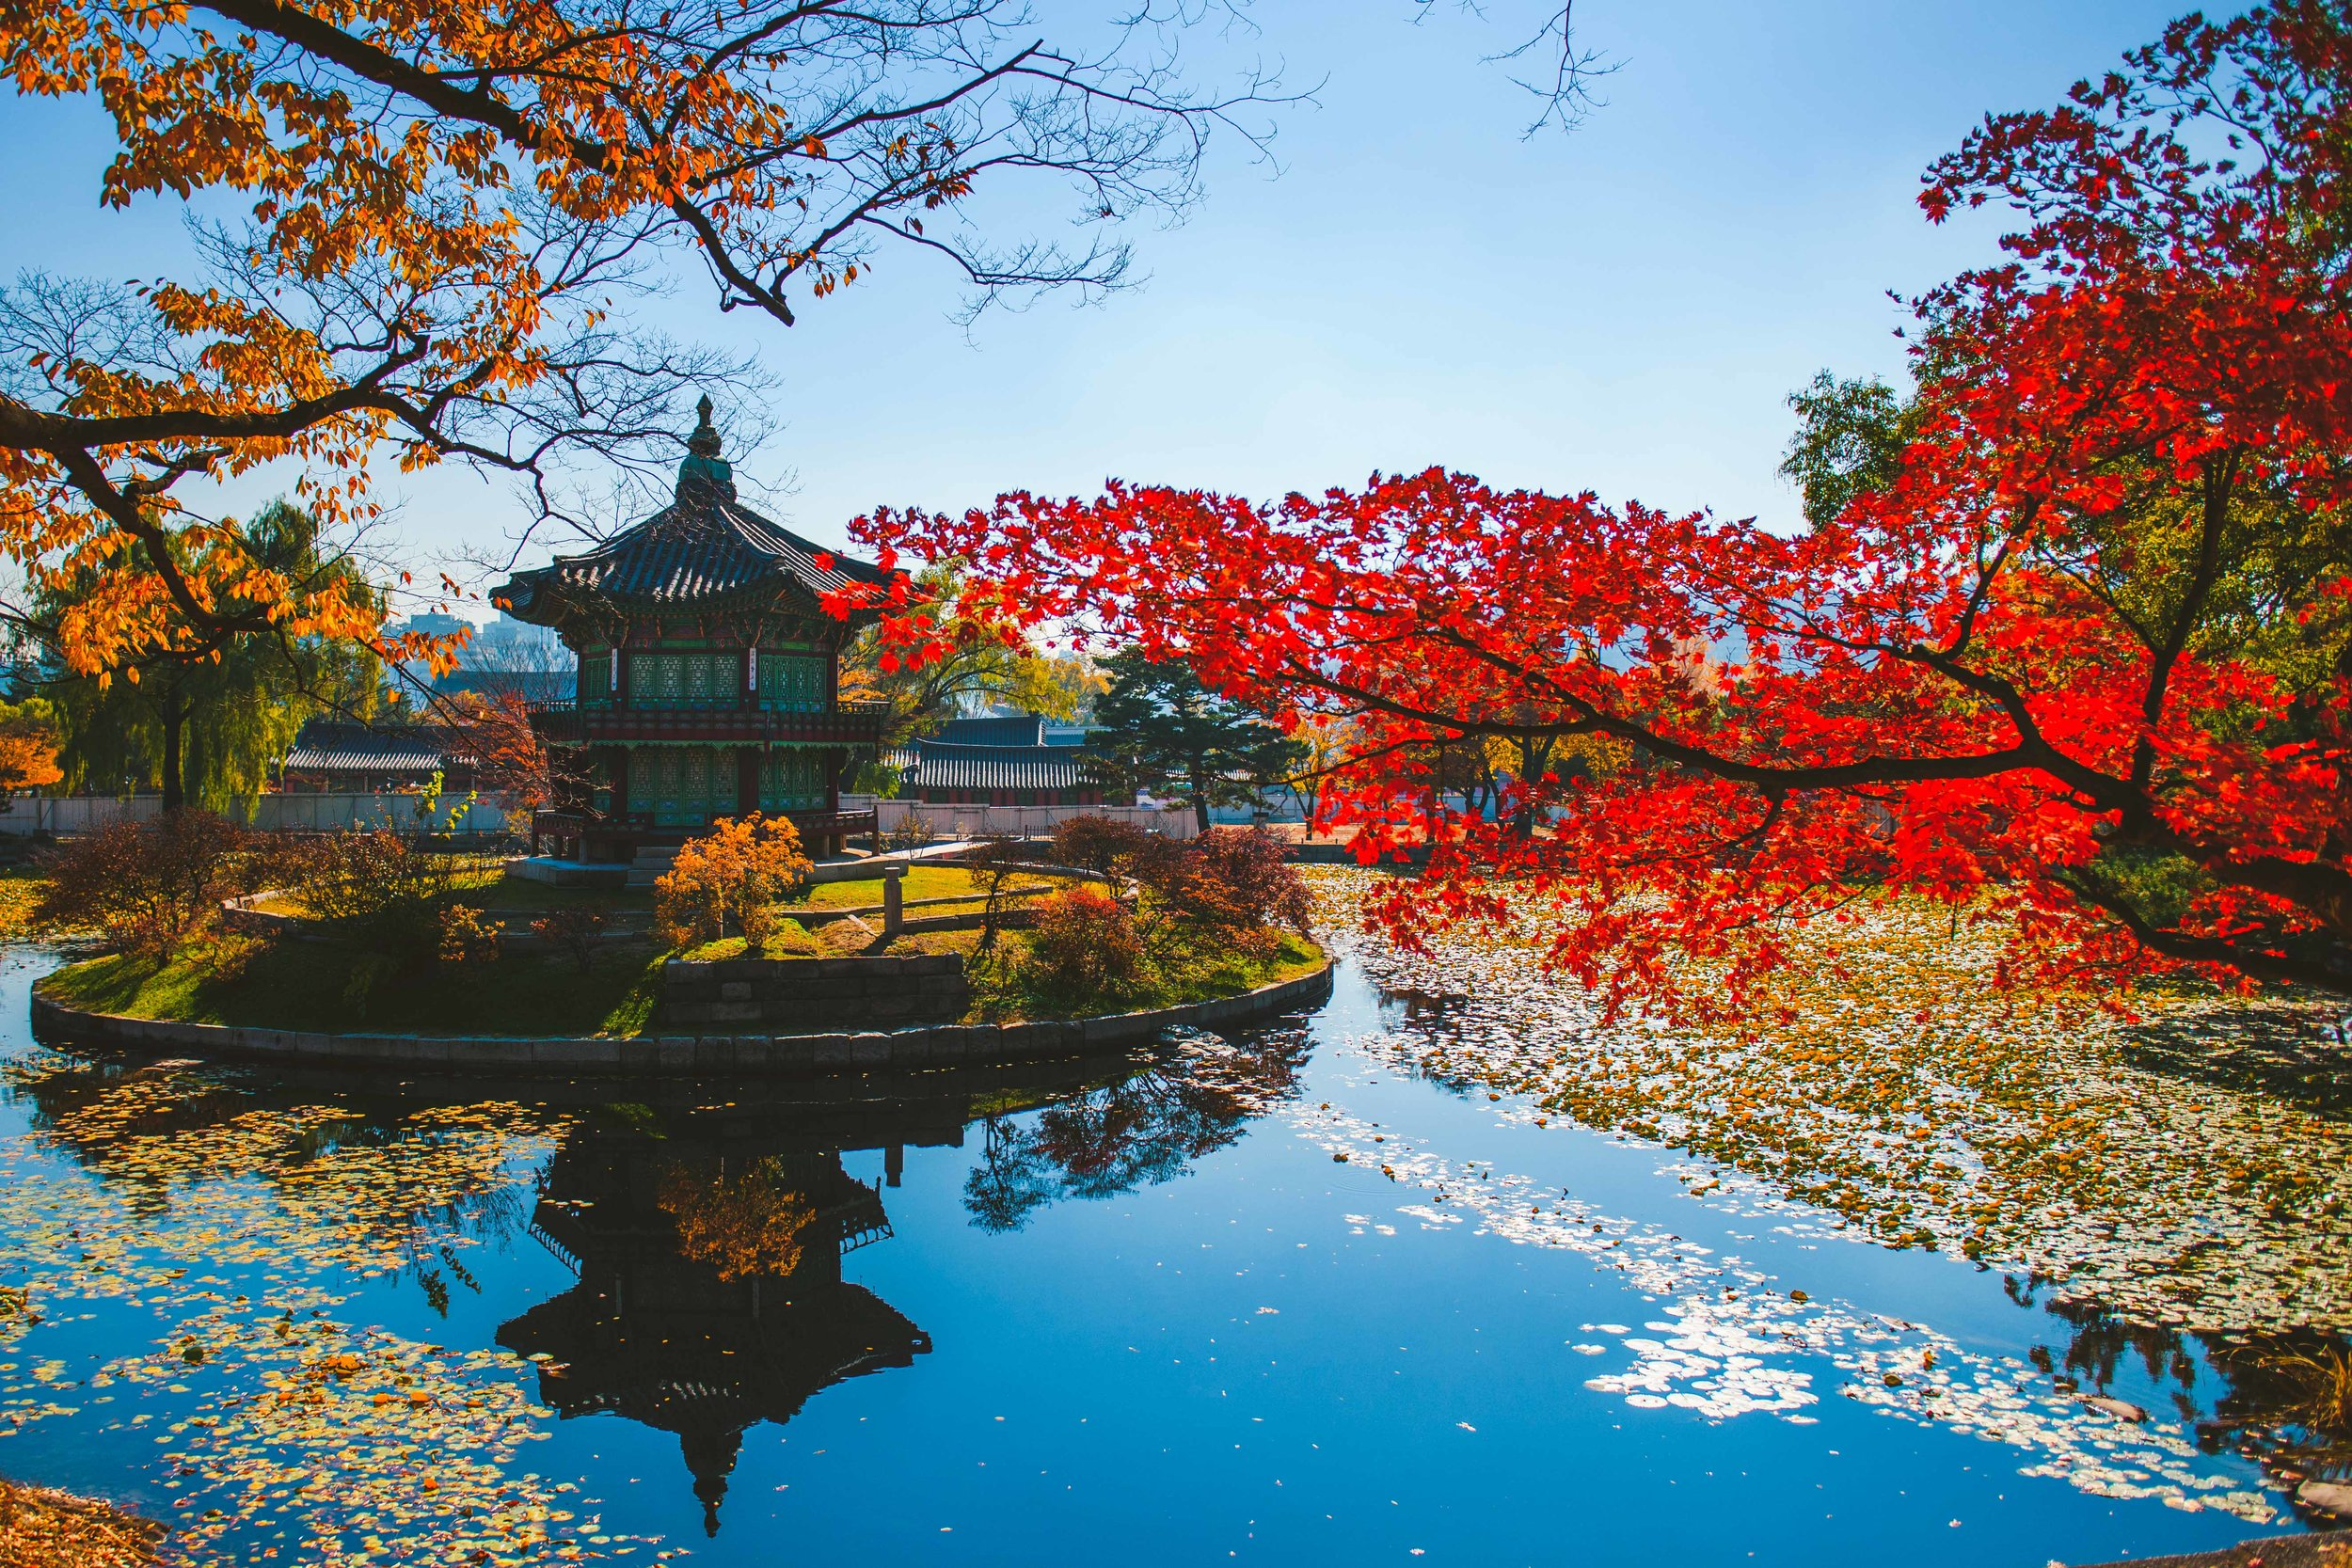 Seoul, South Korea - November 3, 2018